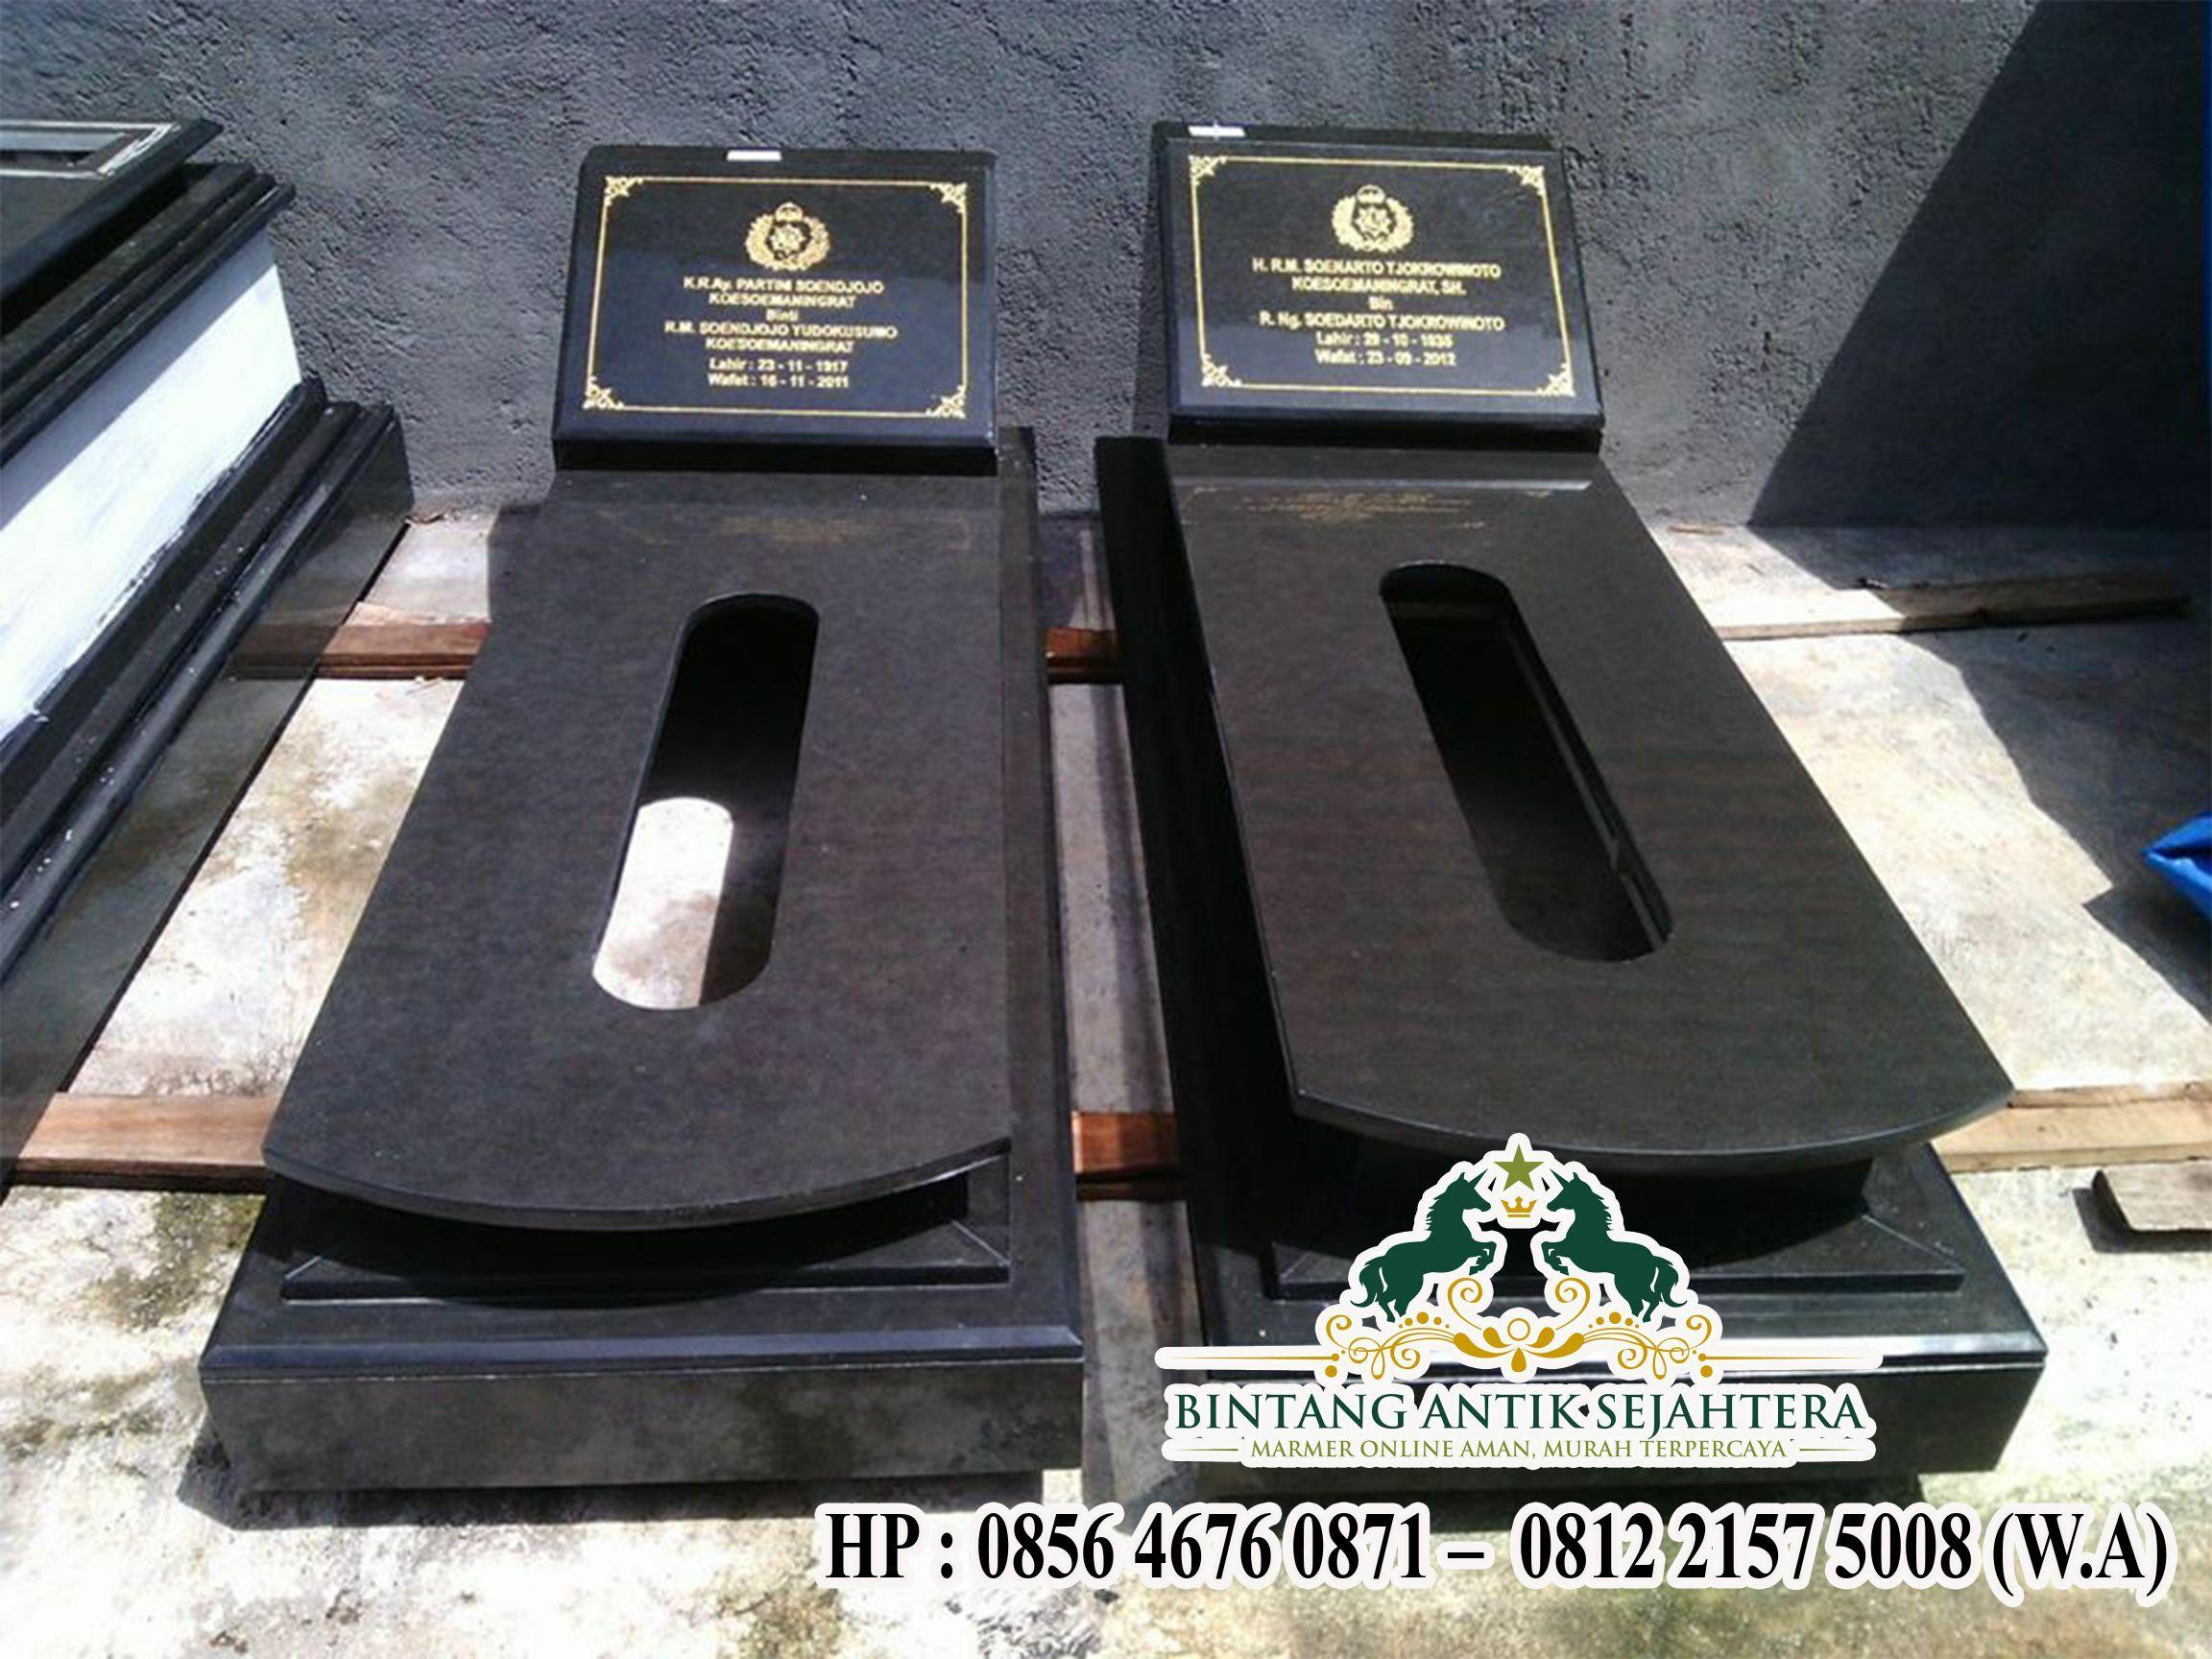 Jual Kijing Granit di Malang, Model Kijing Granit Murah